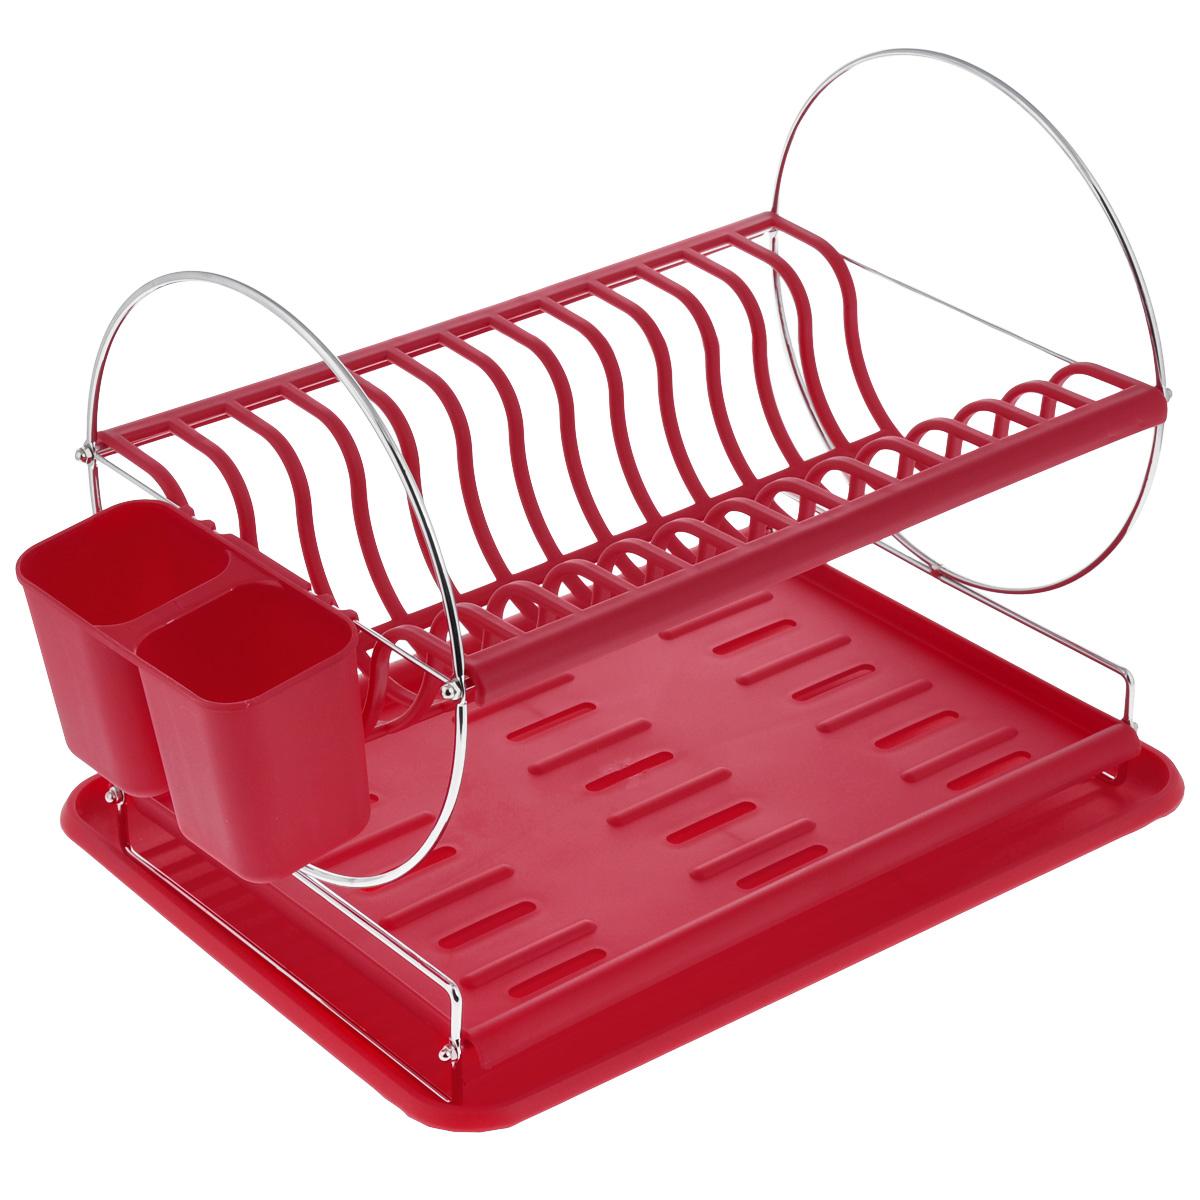 Сушилка для посуды Mayer & Boch, цвет: красный, 43 х 33 х 32,5 см23237Сушилка для посуды Mayer & Boch отлично подходит для хранения кухонных принадлежностей и столовых приборов. Сушилка содержит подставку для тарелок, двойную подставку для столовых приборов и место для кружек и мисок. Изделие выполнено из высококачественного полипропилена и хромированного металла. Поддон для воды поможет сохранить кухню в чистоте. Элегантный, цветной дизайн прекрасно сочетается с интерьером любой кухни.